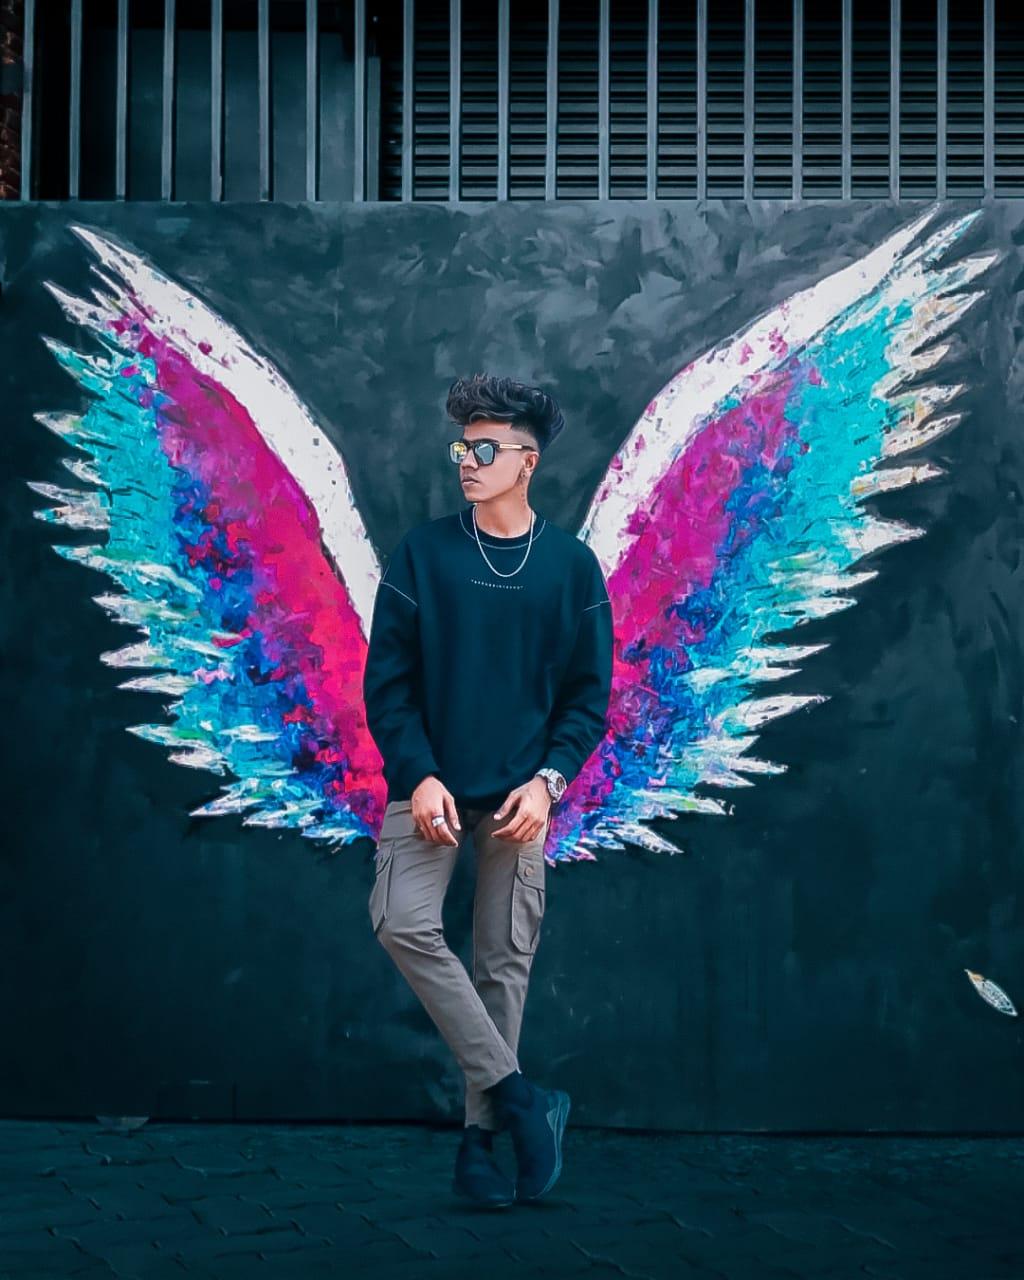 Snapseed creative wings